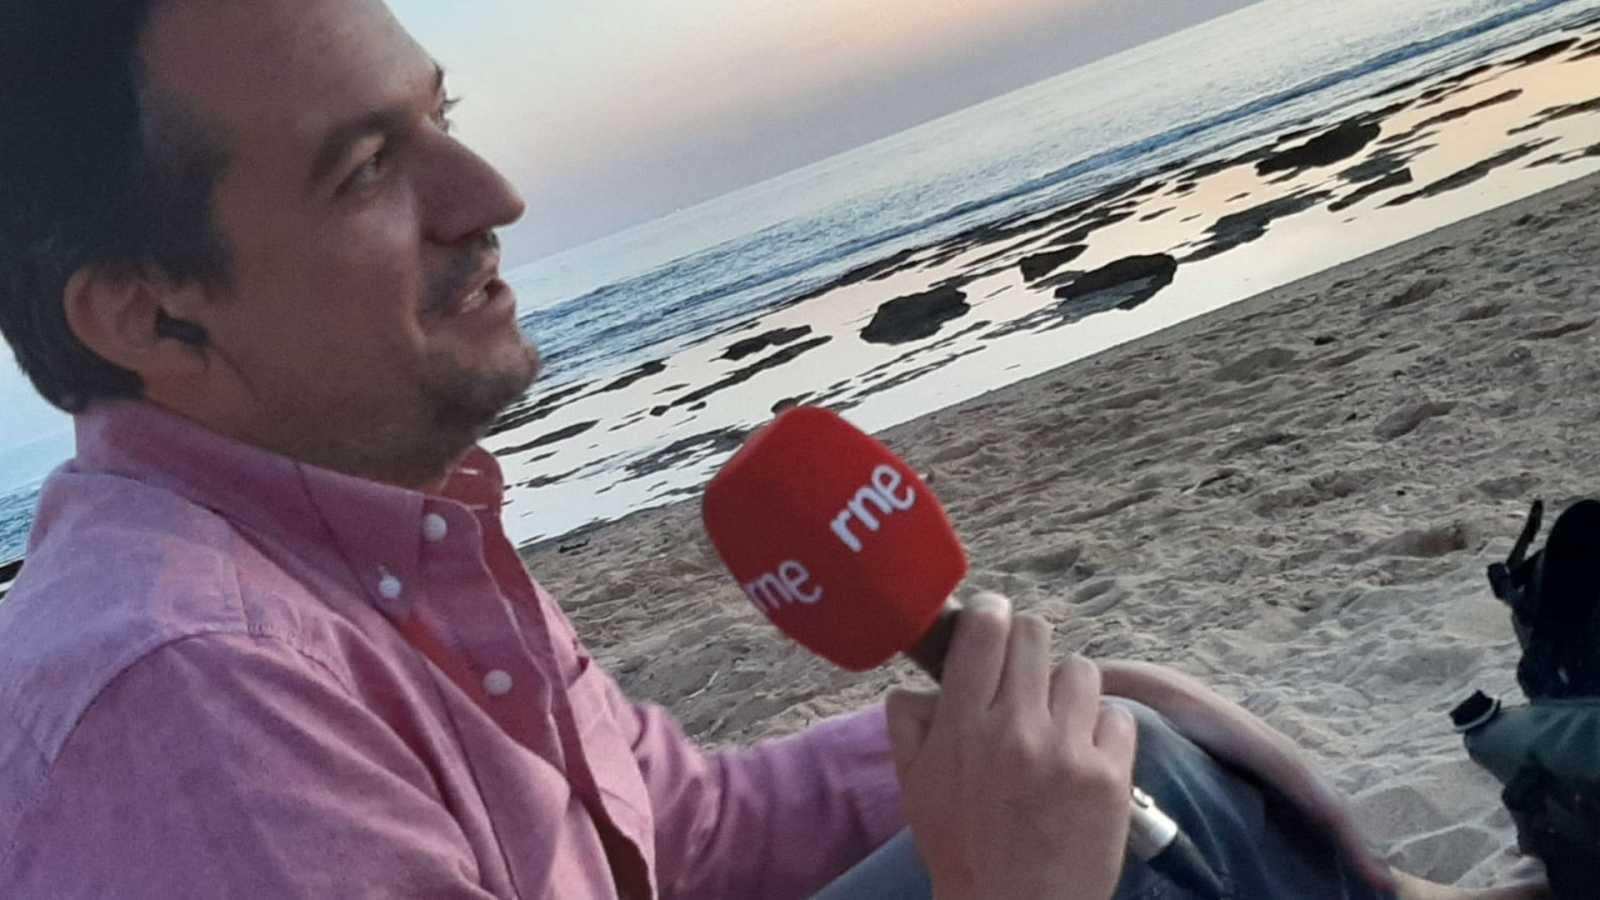 De vuelta en Radio 5 - Festival Iberoamericano de Teatro de Cádiz - 01/11/20 - escuchar ahora